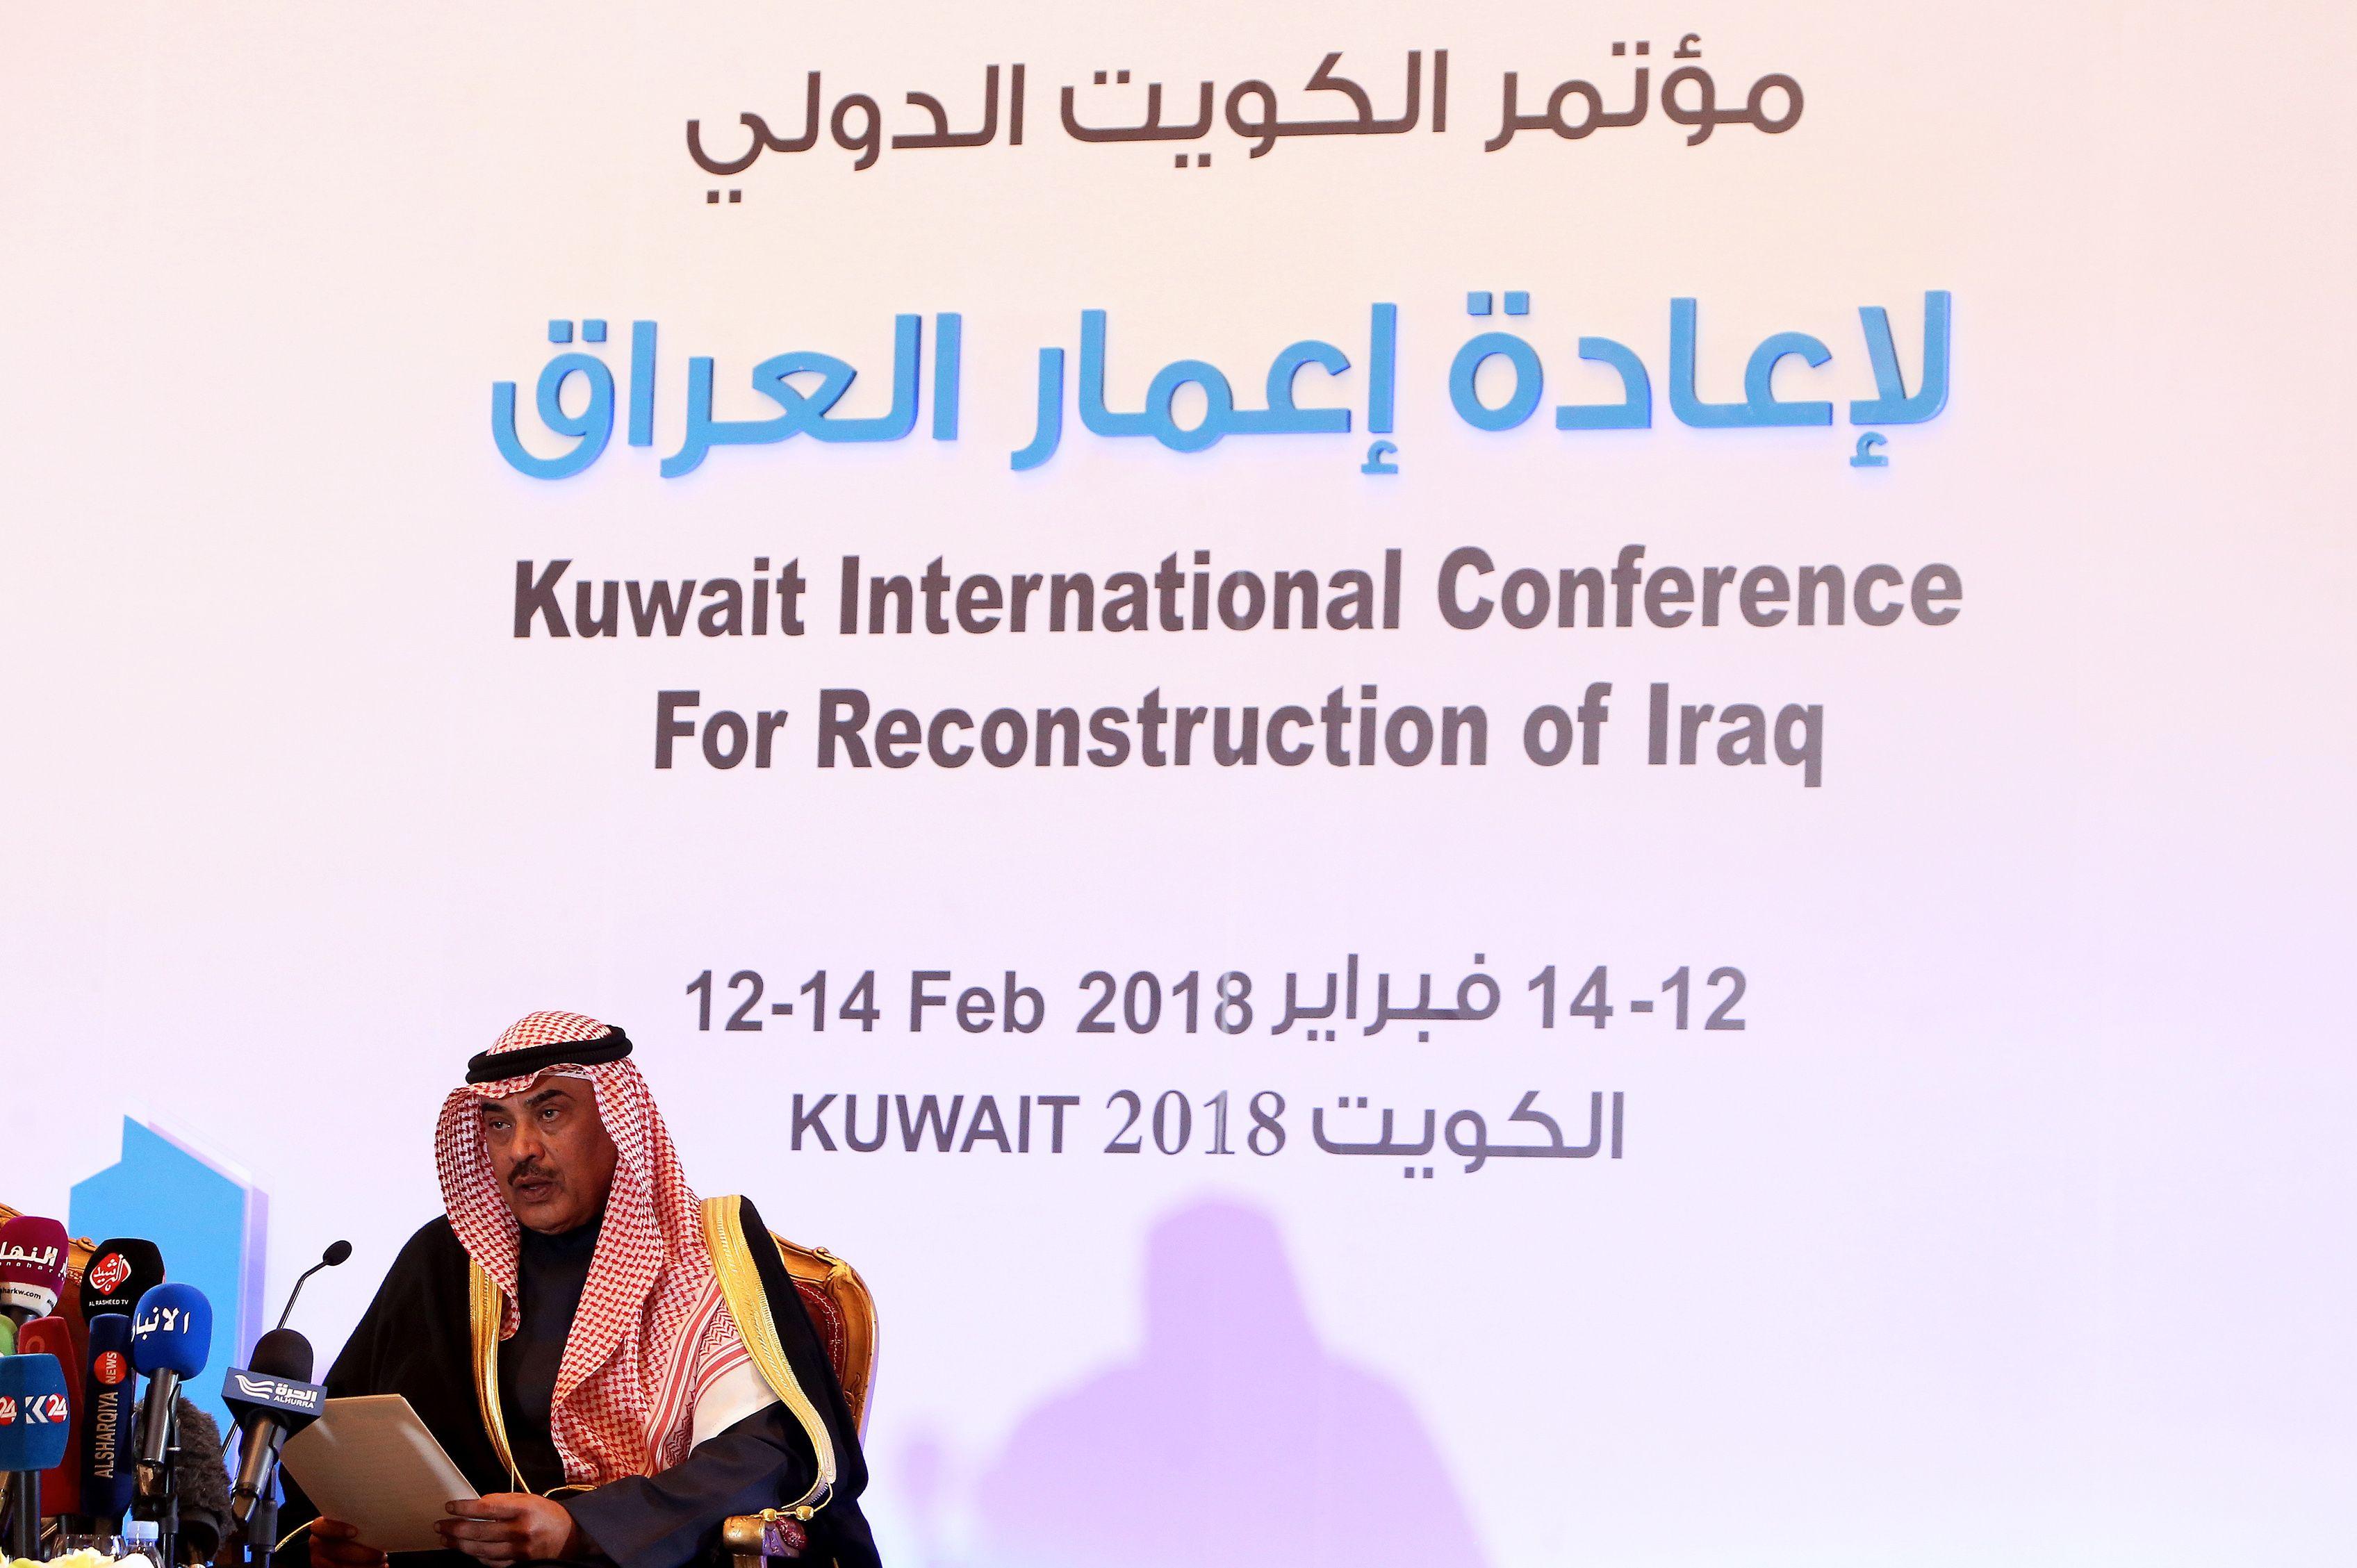 كلمة وزير الخارجية الكويتى خلال مؤتمر إعادة اعمار العراق